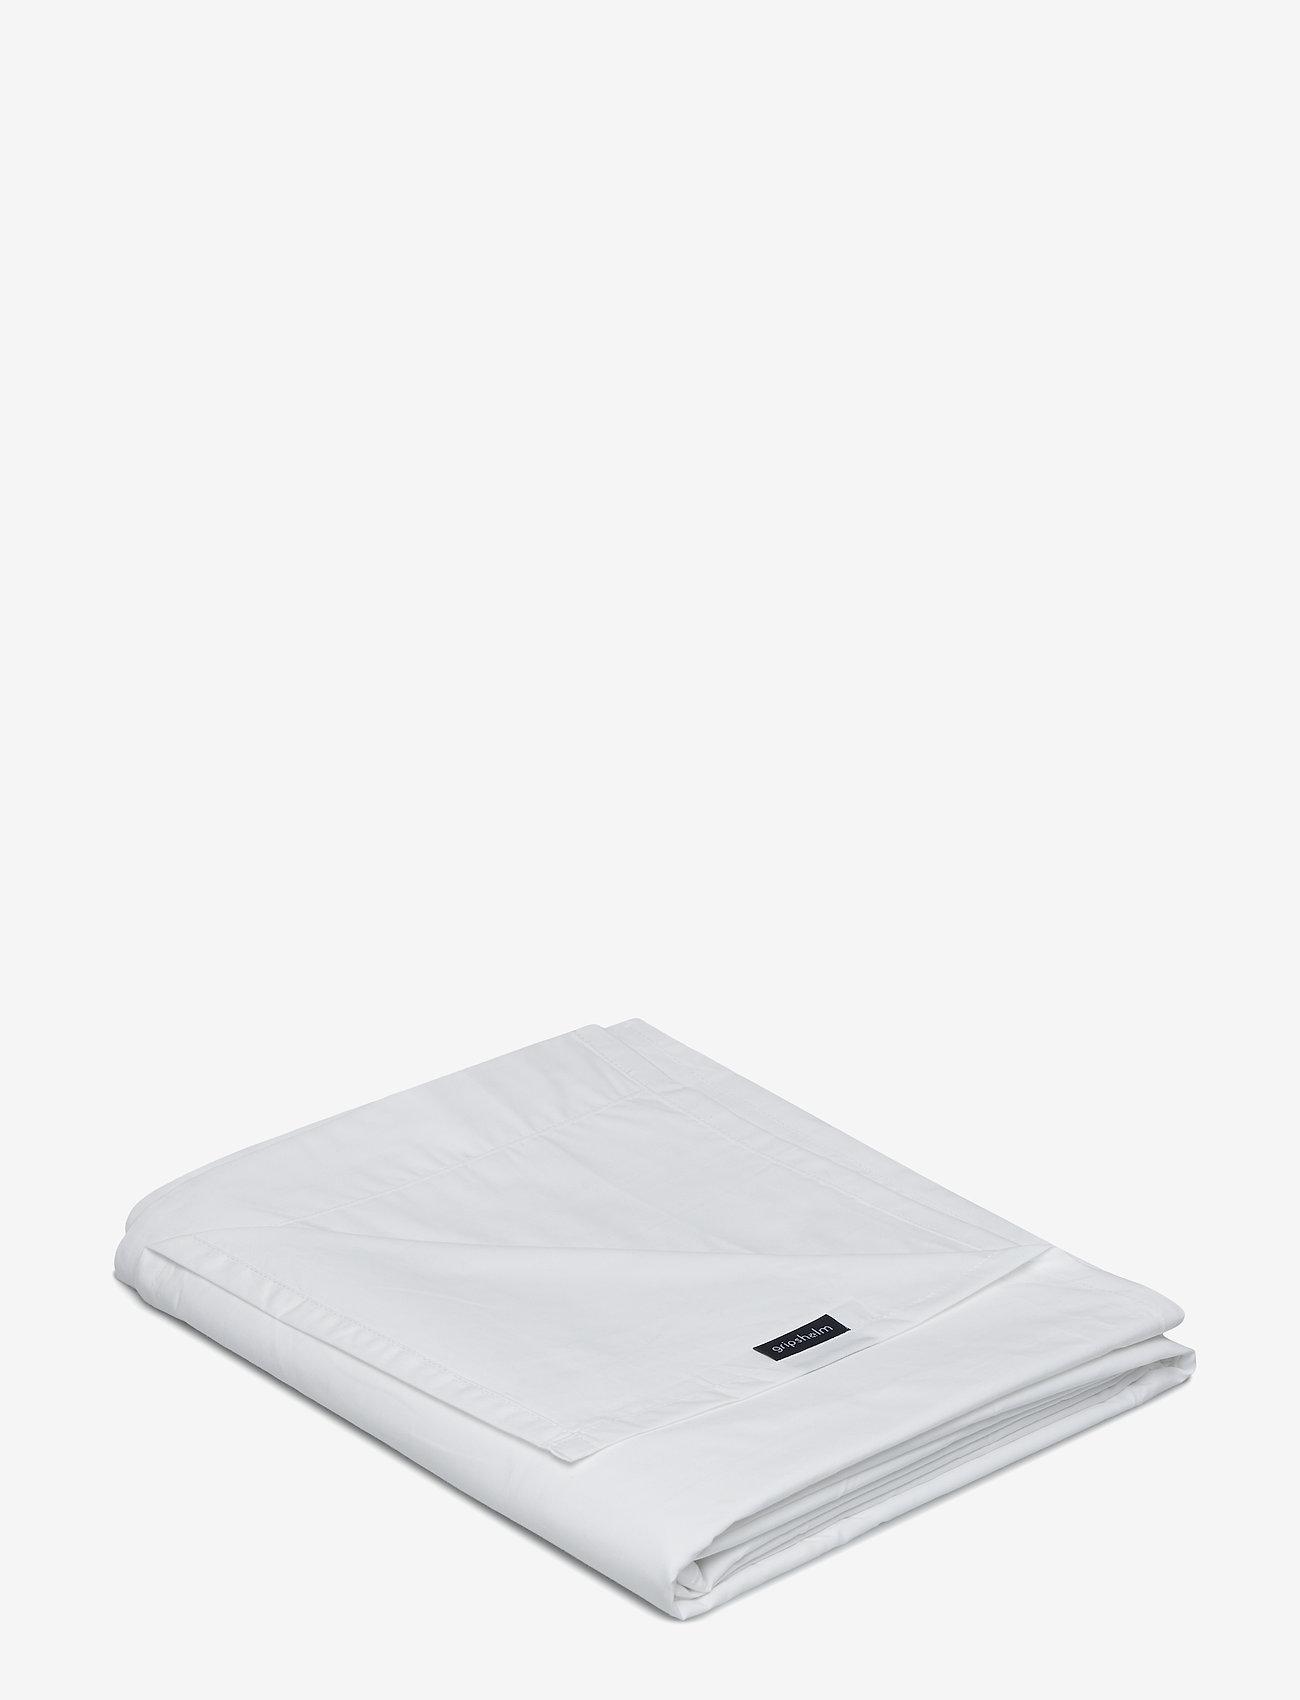 Gripsholm - FLAT SHEET PERCALE - lakanat - white